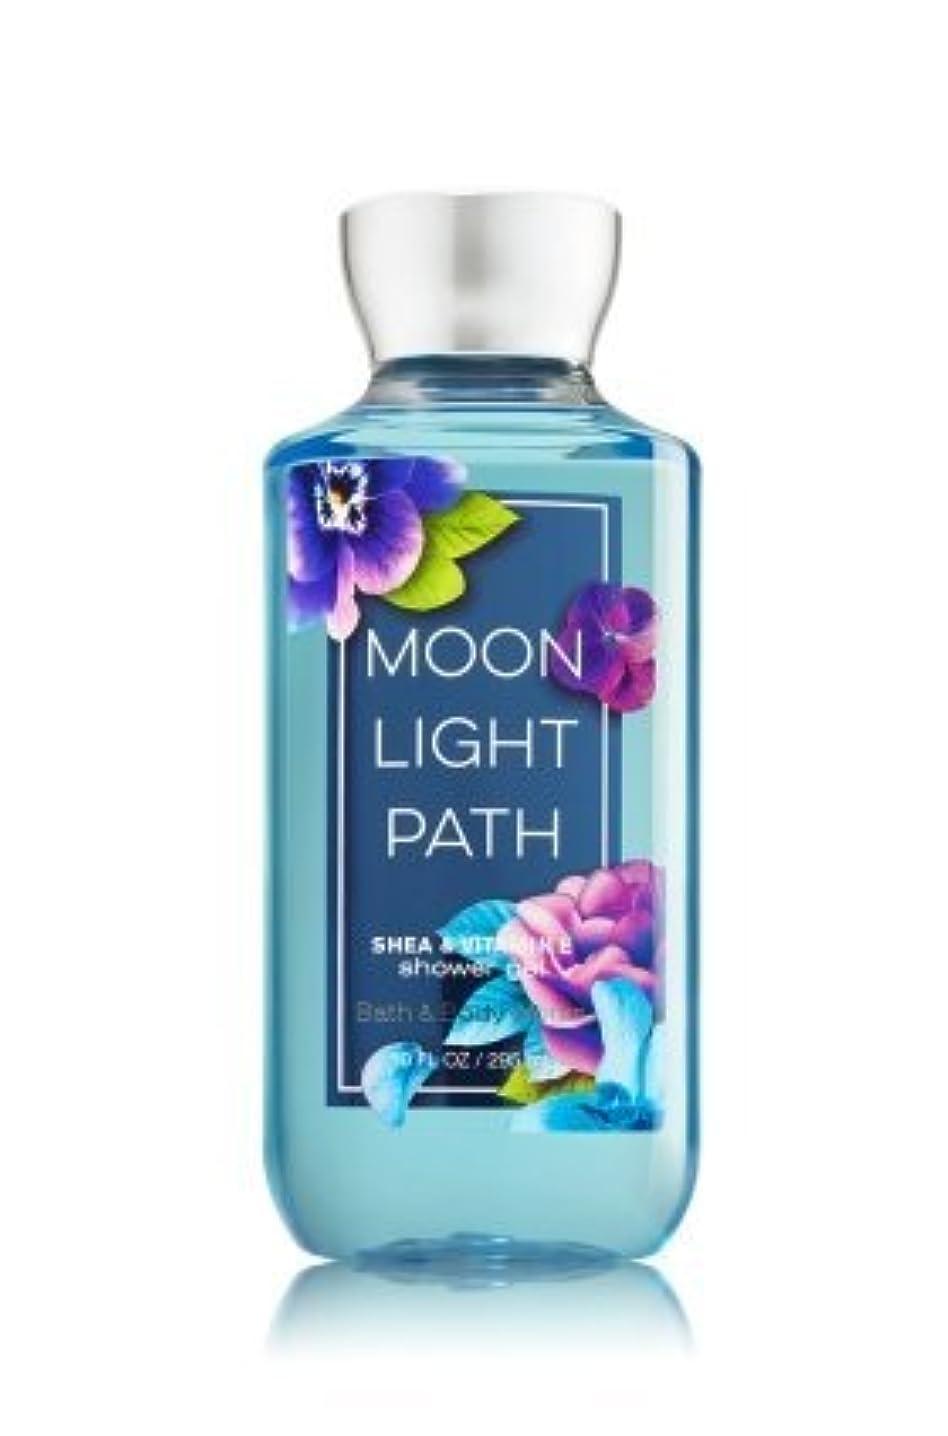 レンチスポット飲食店【Bath&Body Works/バス&ボディワークス】 シャワージェル ムーンライトパス Shower Gel Moonlight Path 10 fl oz / 295 mL [並行輸入品]